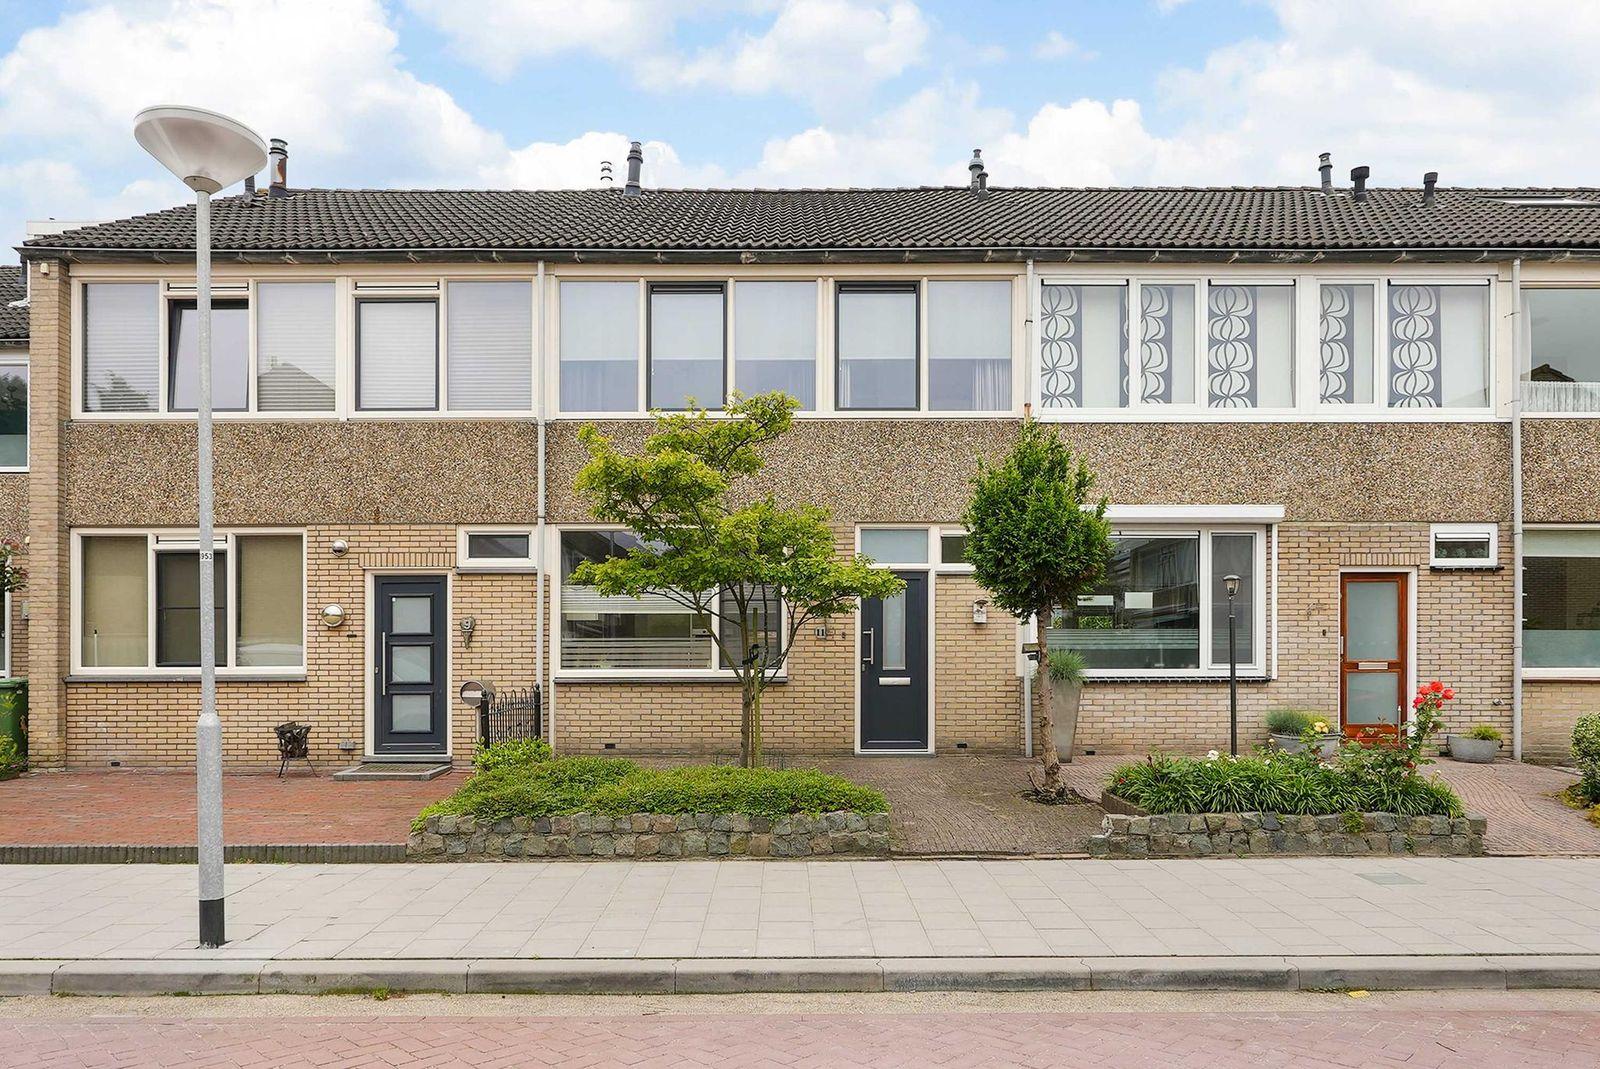 Spaarnestraat 11, Oost-souburg